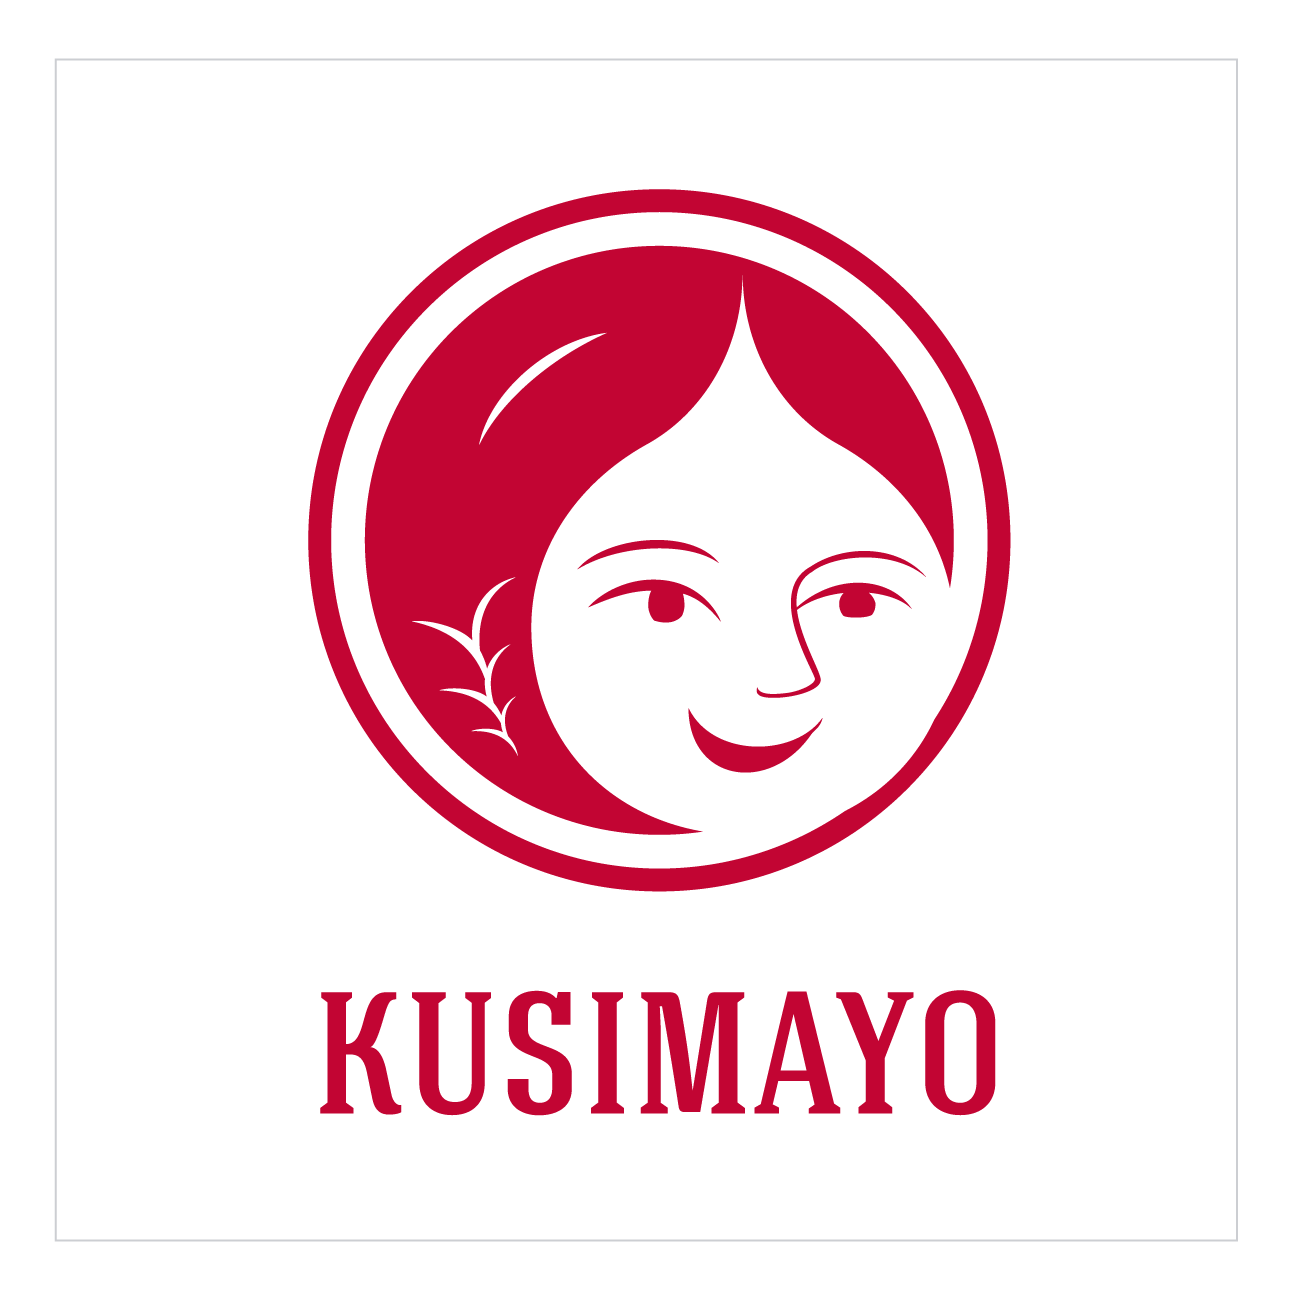 Kusimayo.png